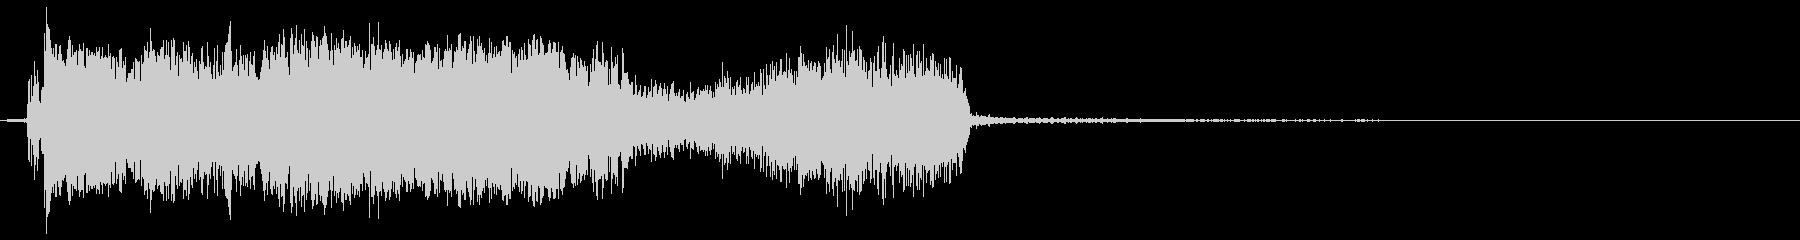 電気_感電_02の未再生の波形